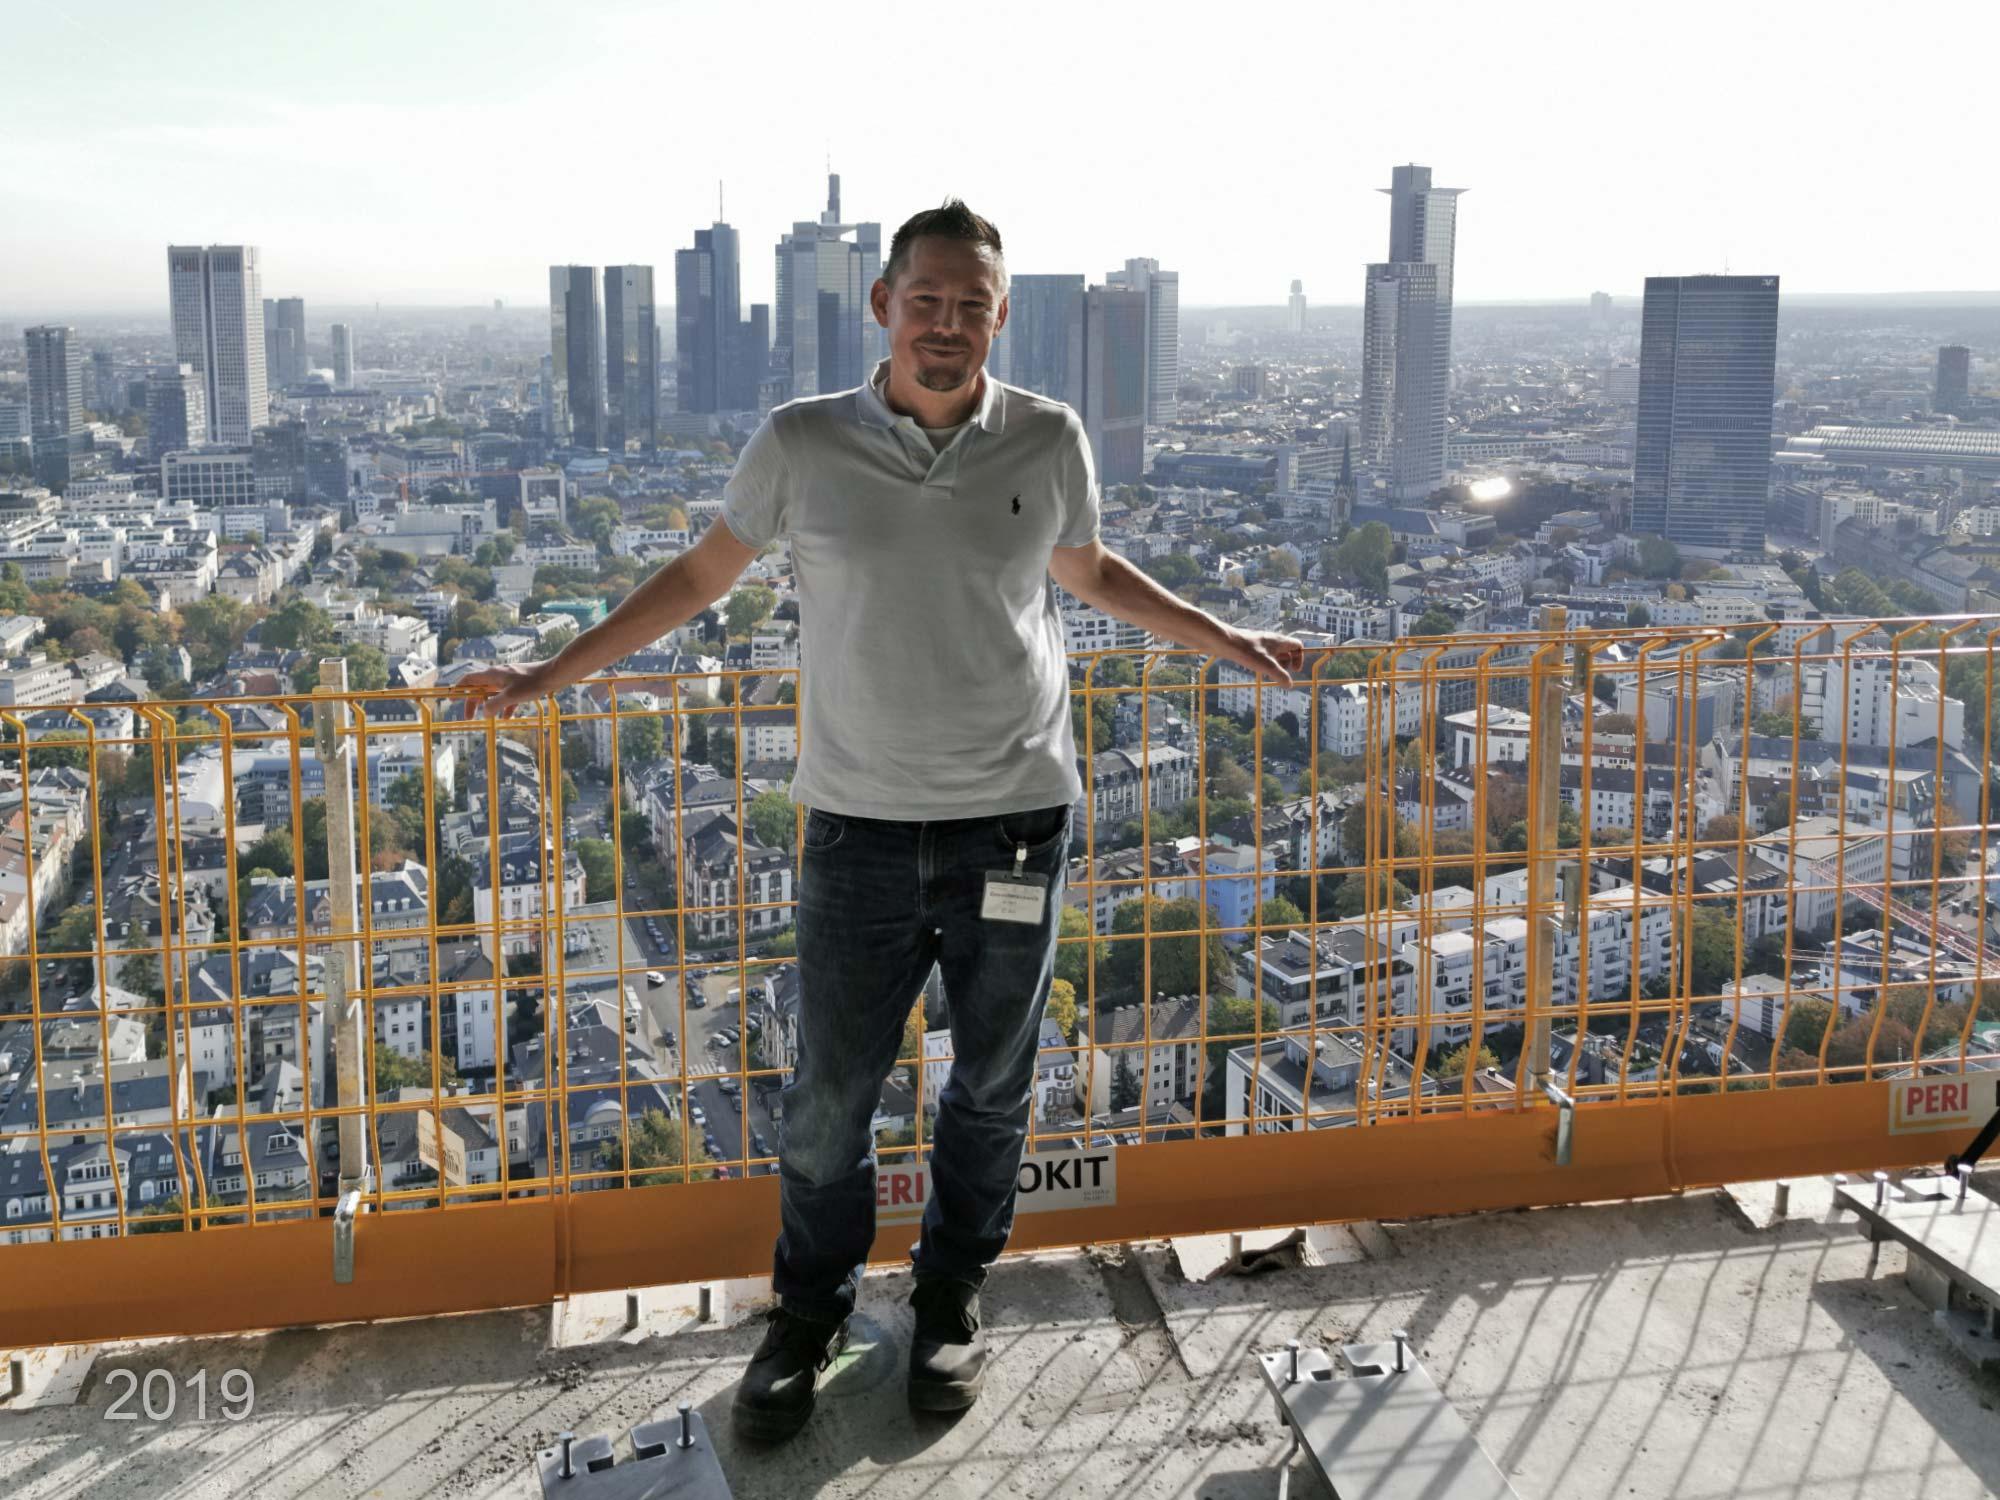 Michael Wutzke bei einer Baustellenbesichtigung in einem Hochhaus mit Blick auf die Frankfurter Skyline